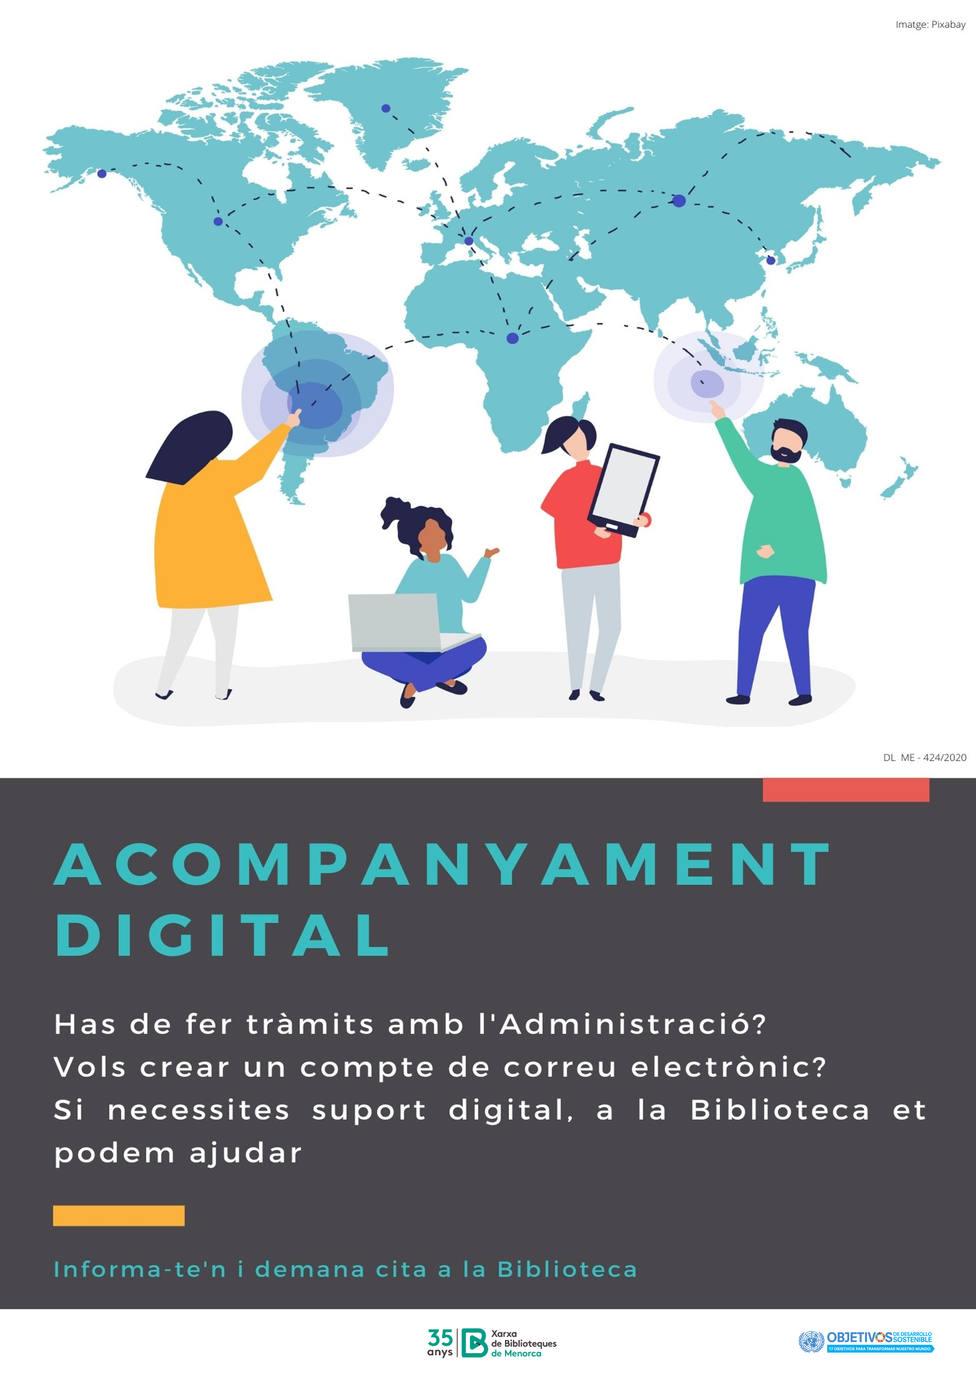 Acompañamiento digital por una Biblioteca al alcance